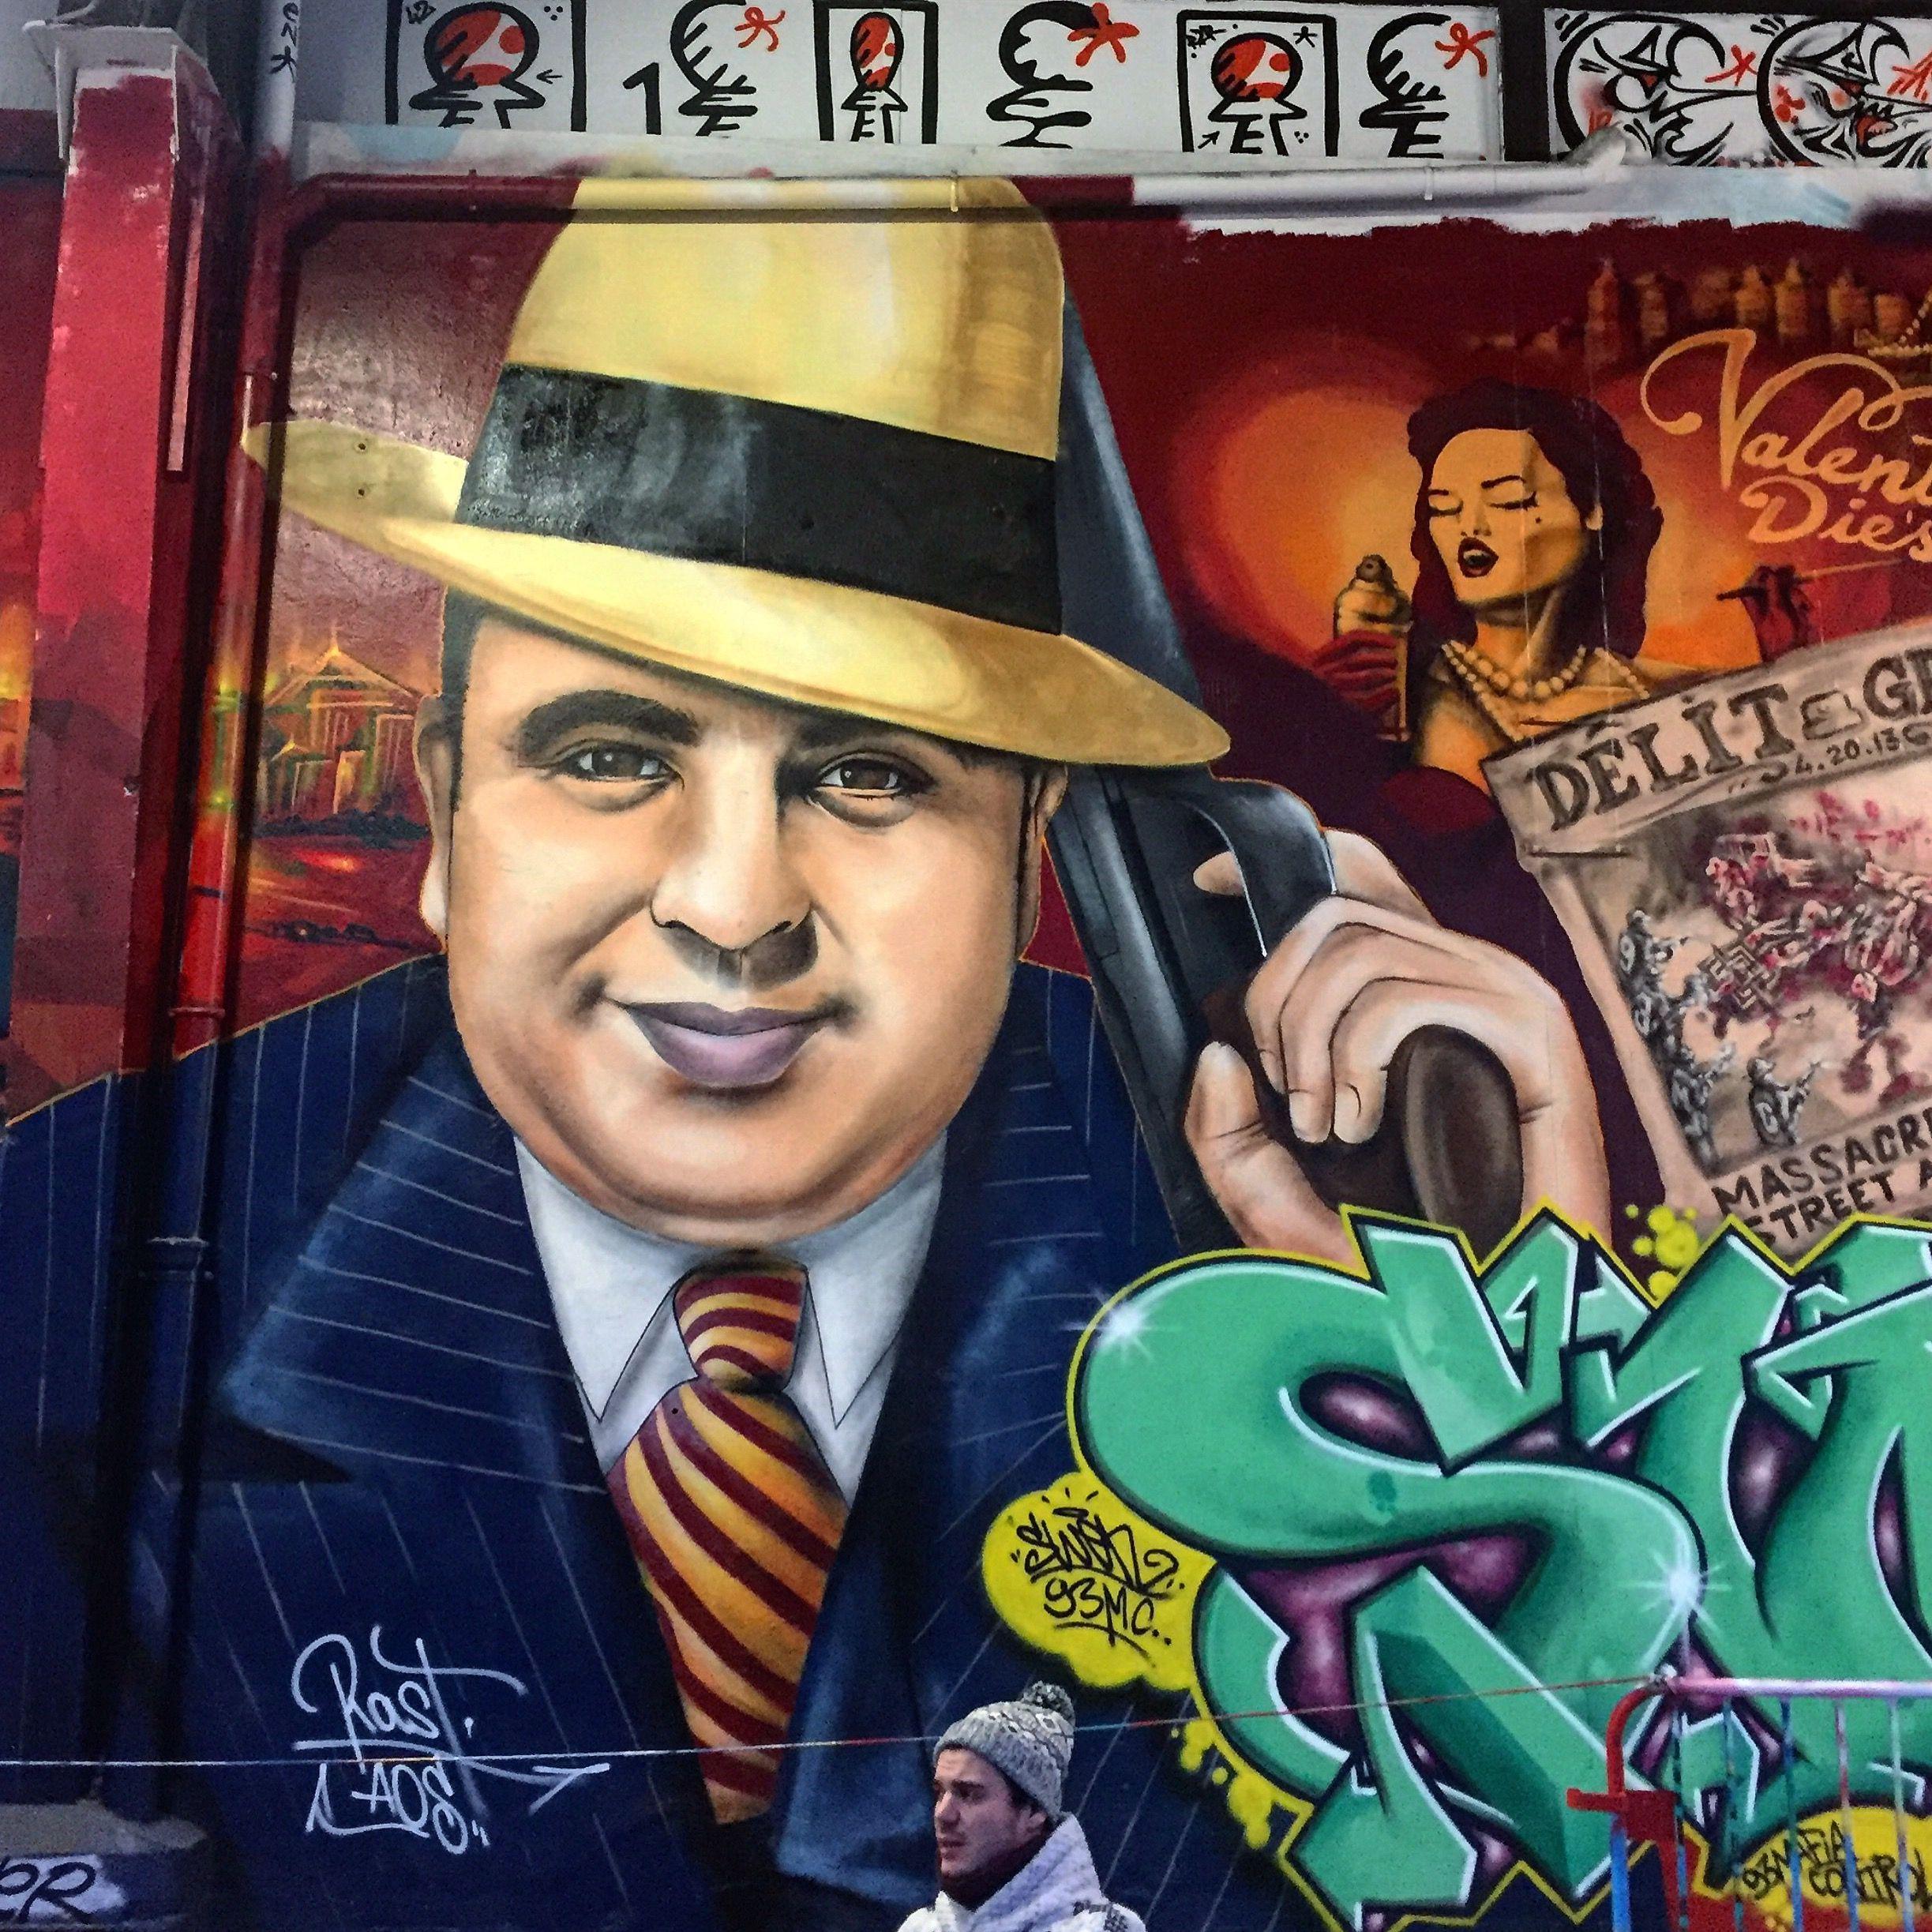 Al Capone Paris Street Art Graffiti Street Art Urban Street Art